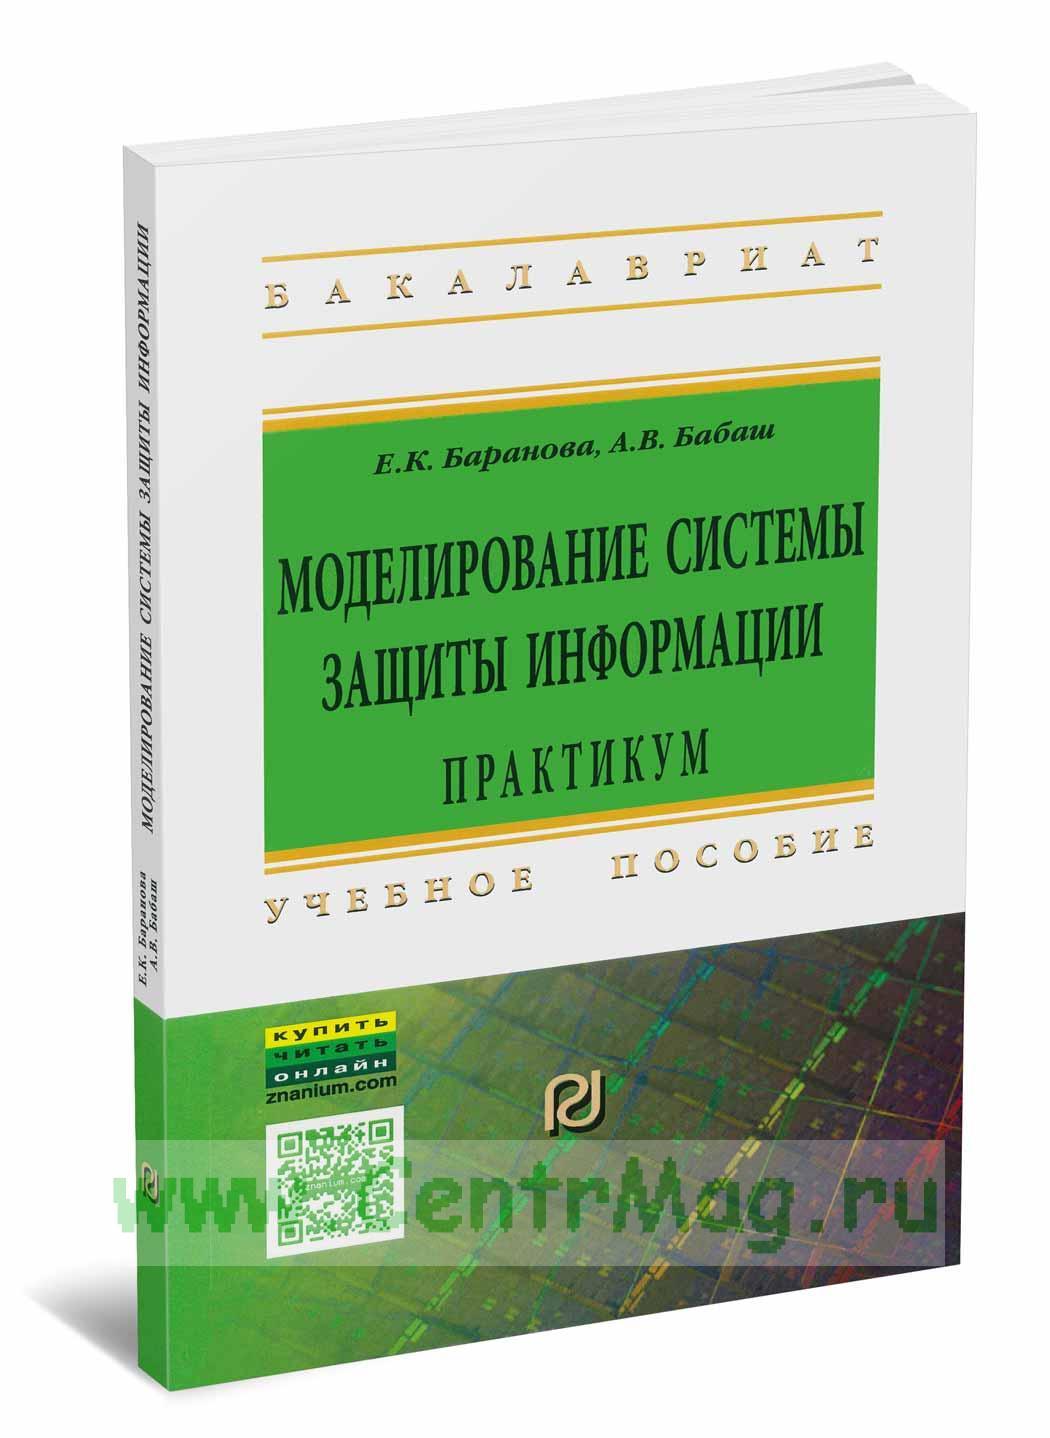 Моделирование системы защиты информации. Практикум: учебное пособие (2-е издание, переработанное и дополненное)